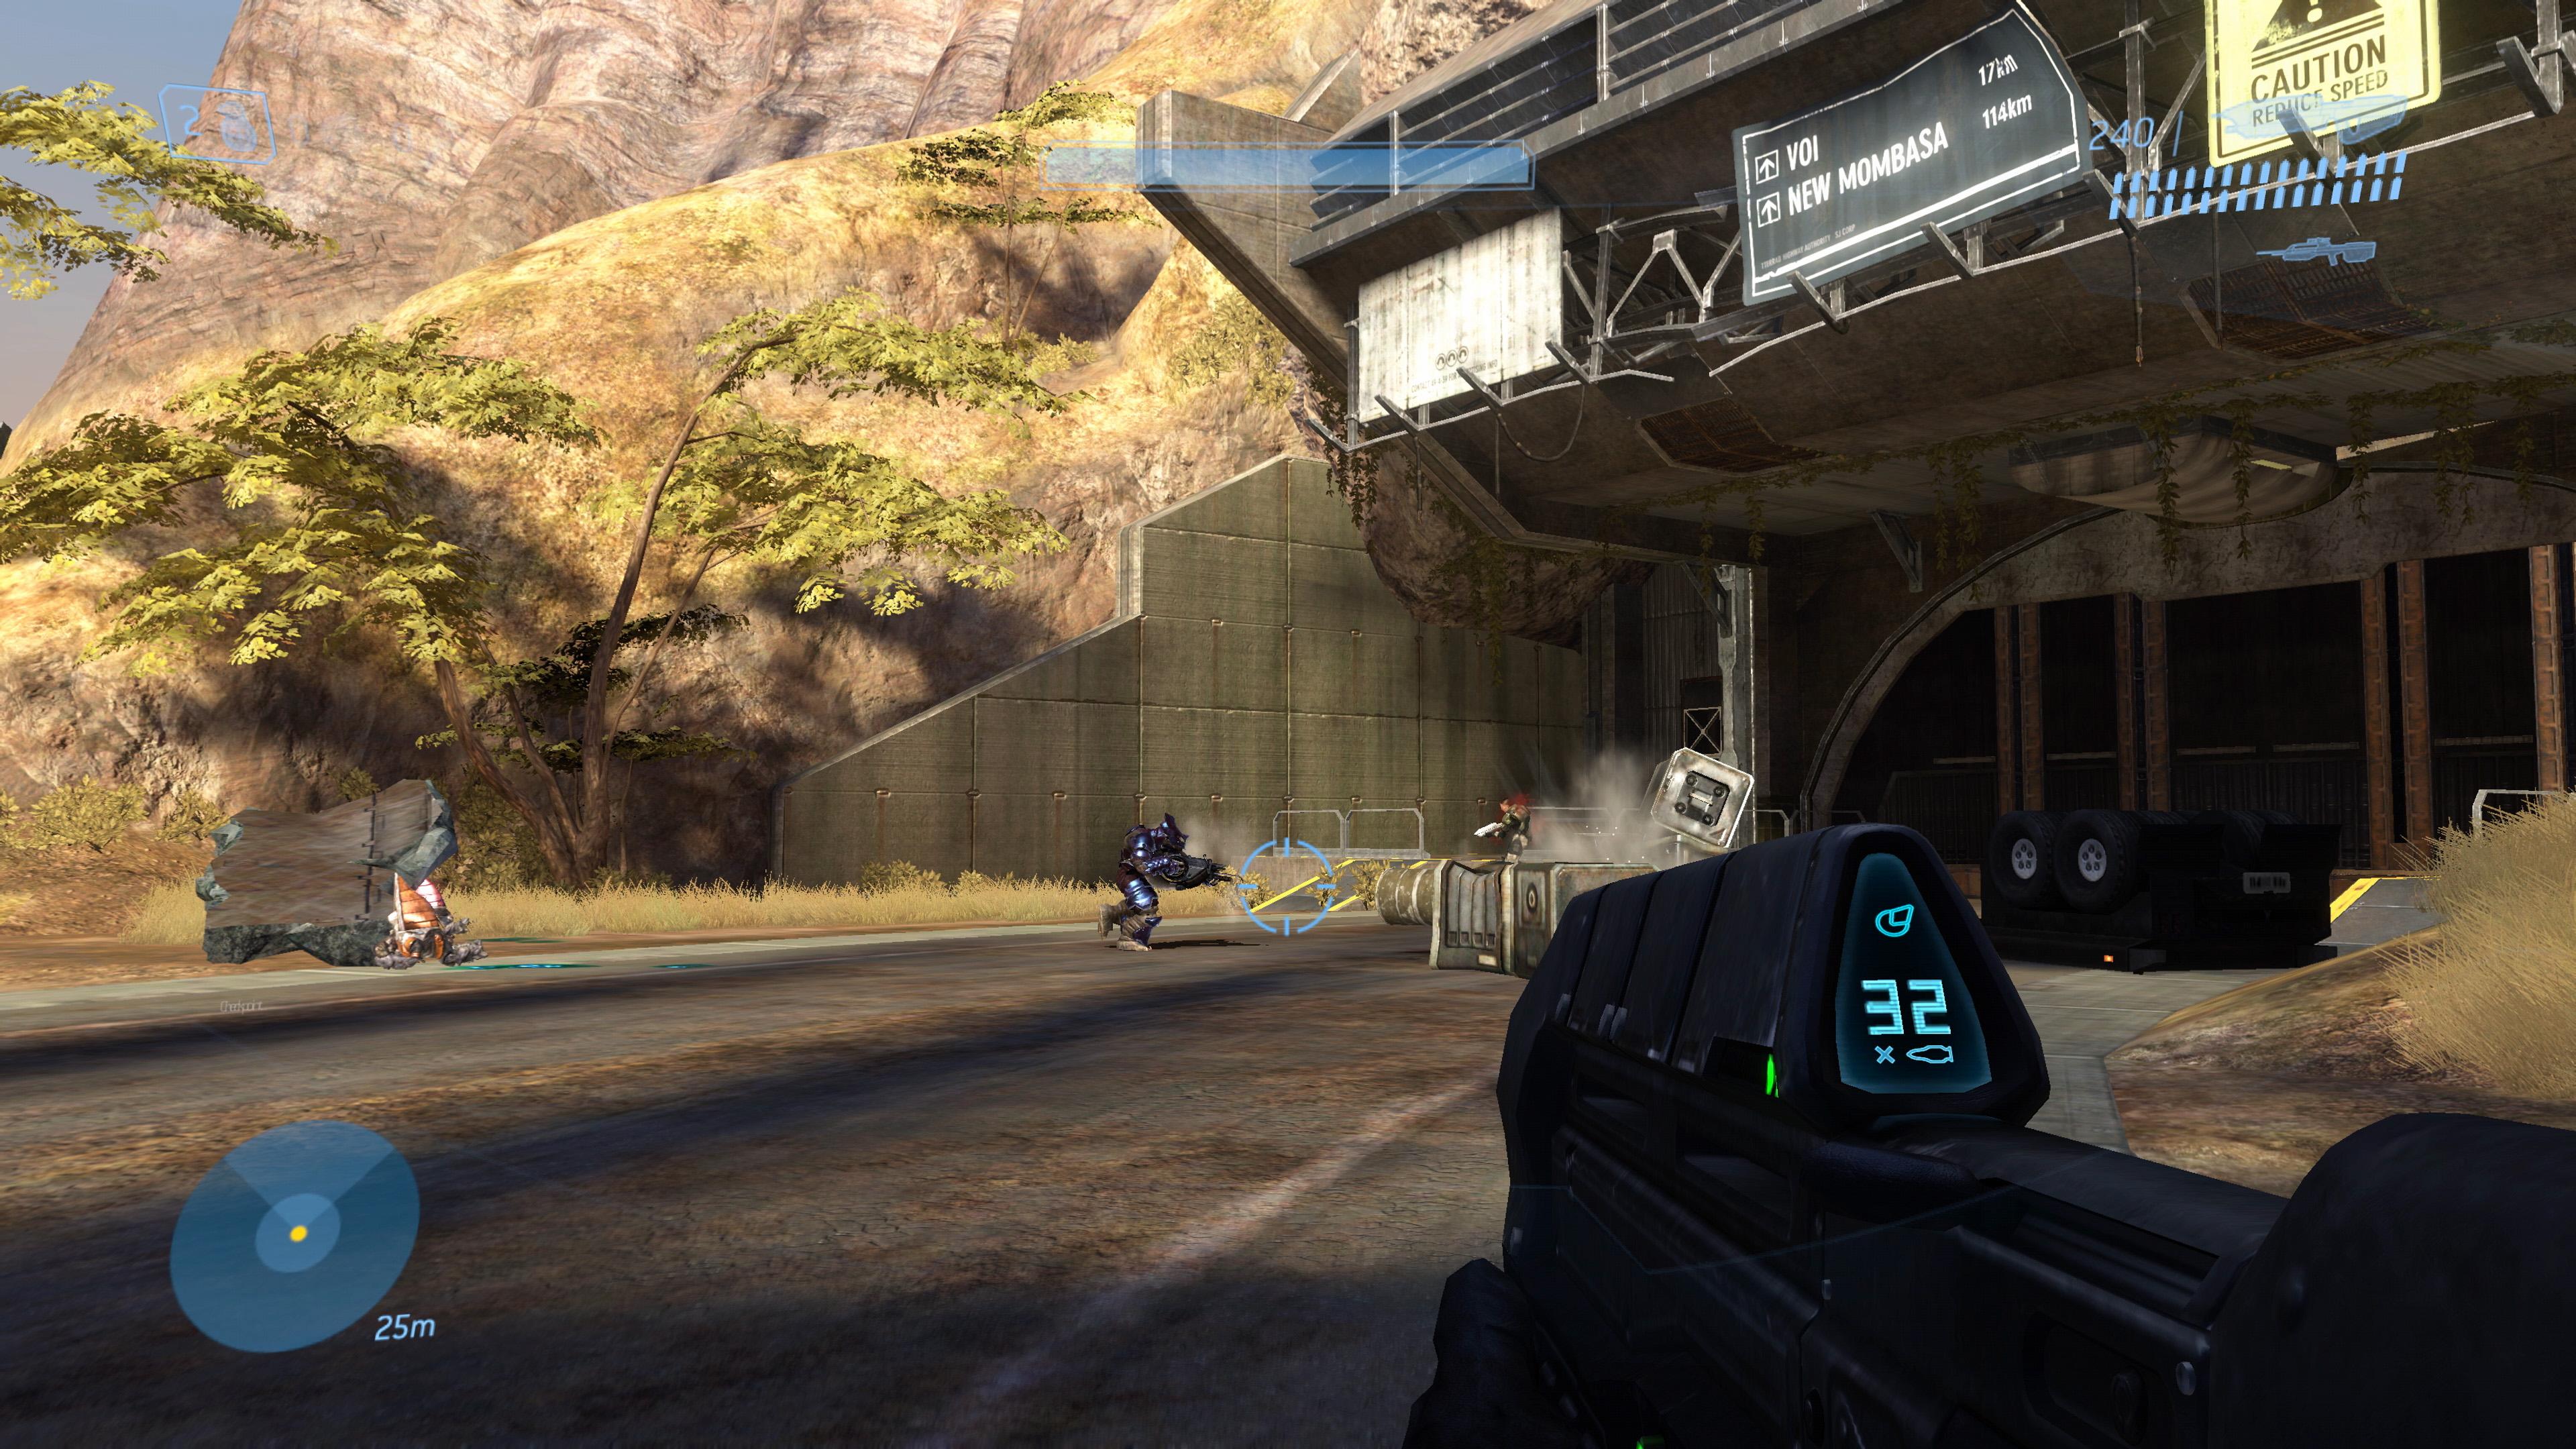 rfN4io0oDBYJl - 【朗報】XboxOneXの360互換機能、ガチですごい。互換すら無いProさん…